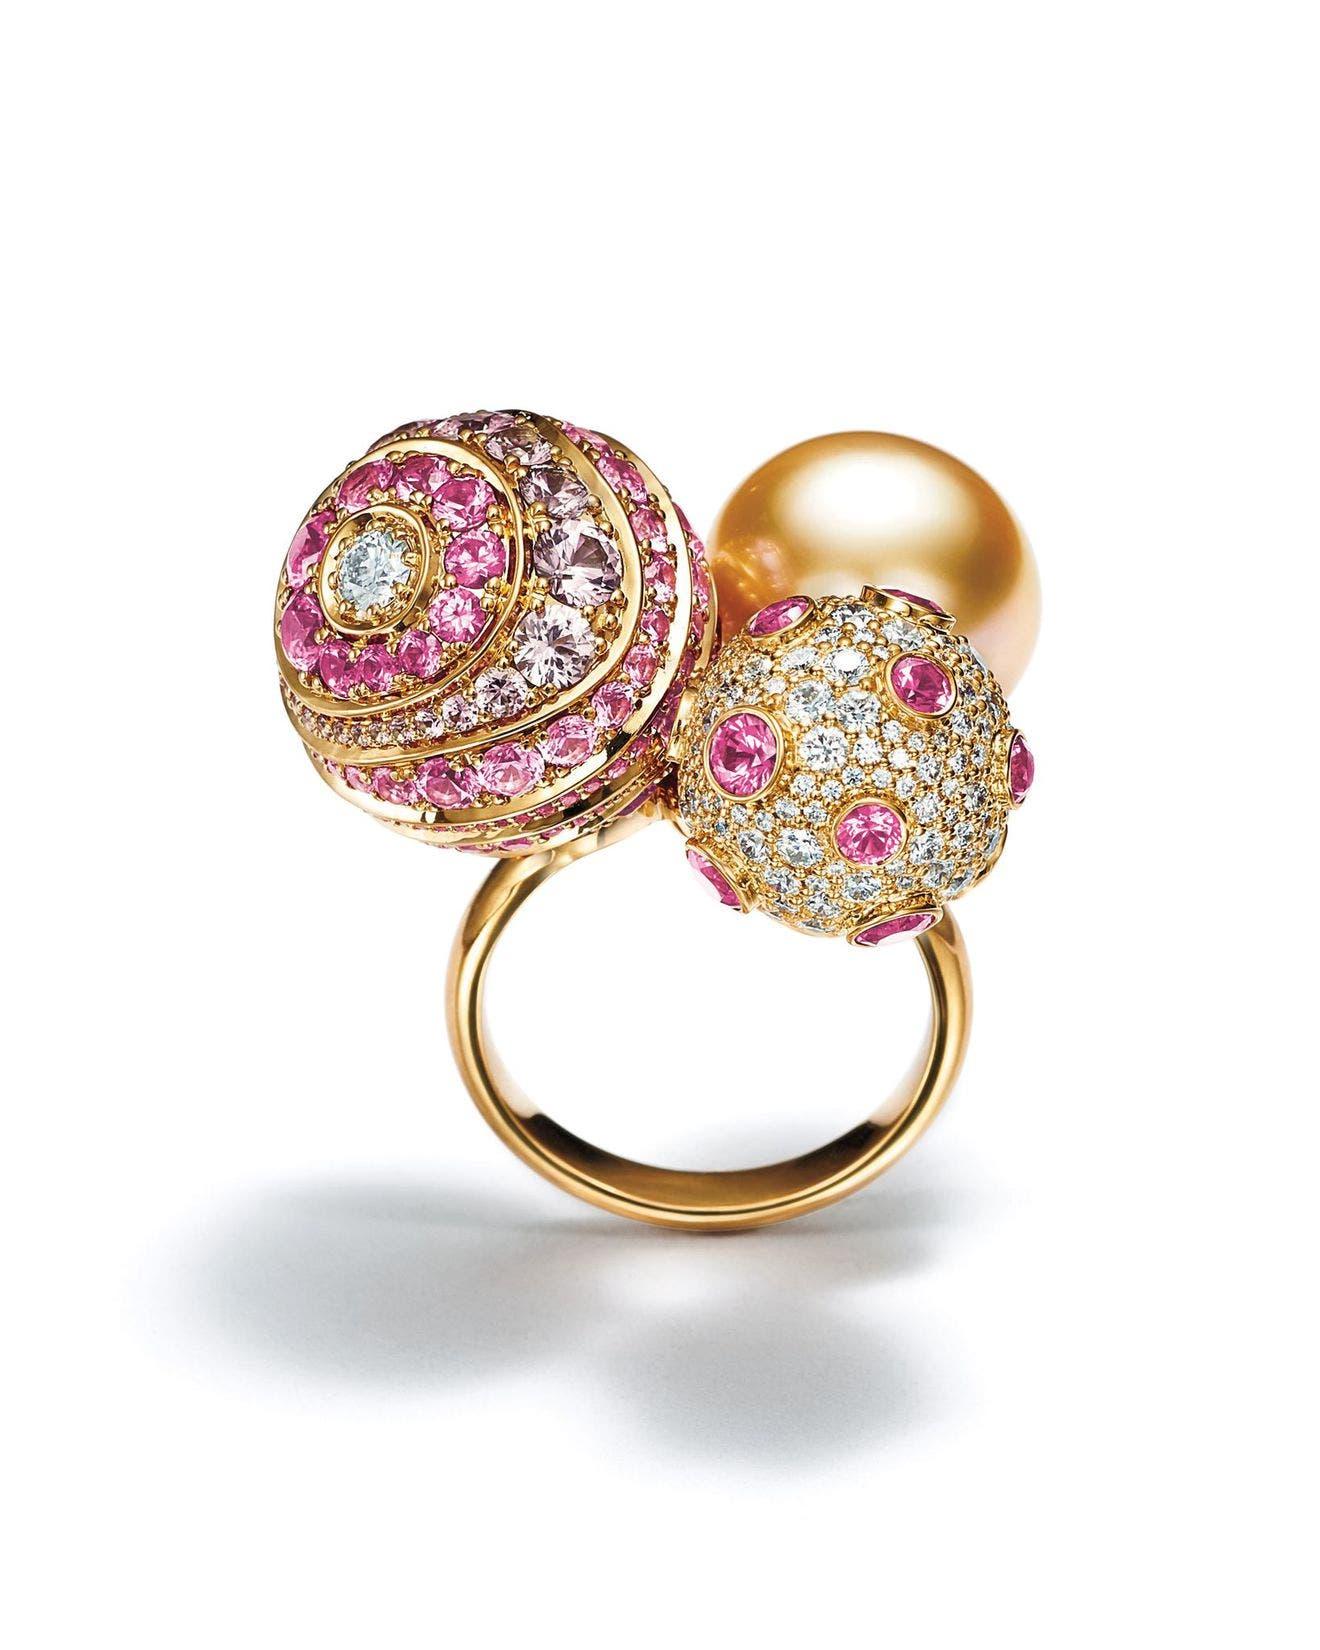 خاتم من الذهب الأصفر المرصّع بالأحجار من تيفاني أند كو